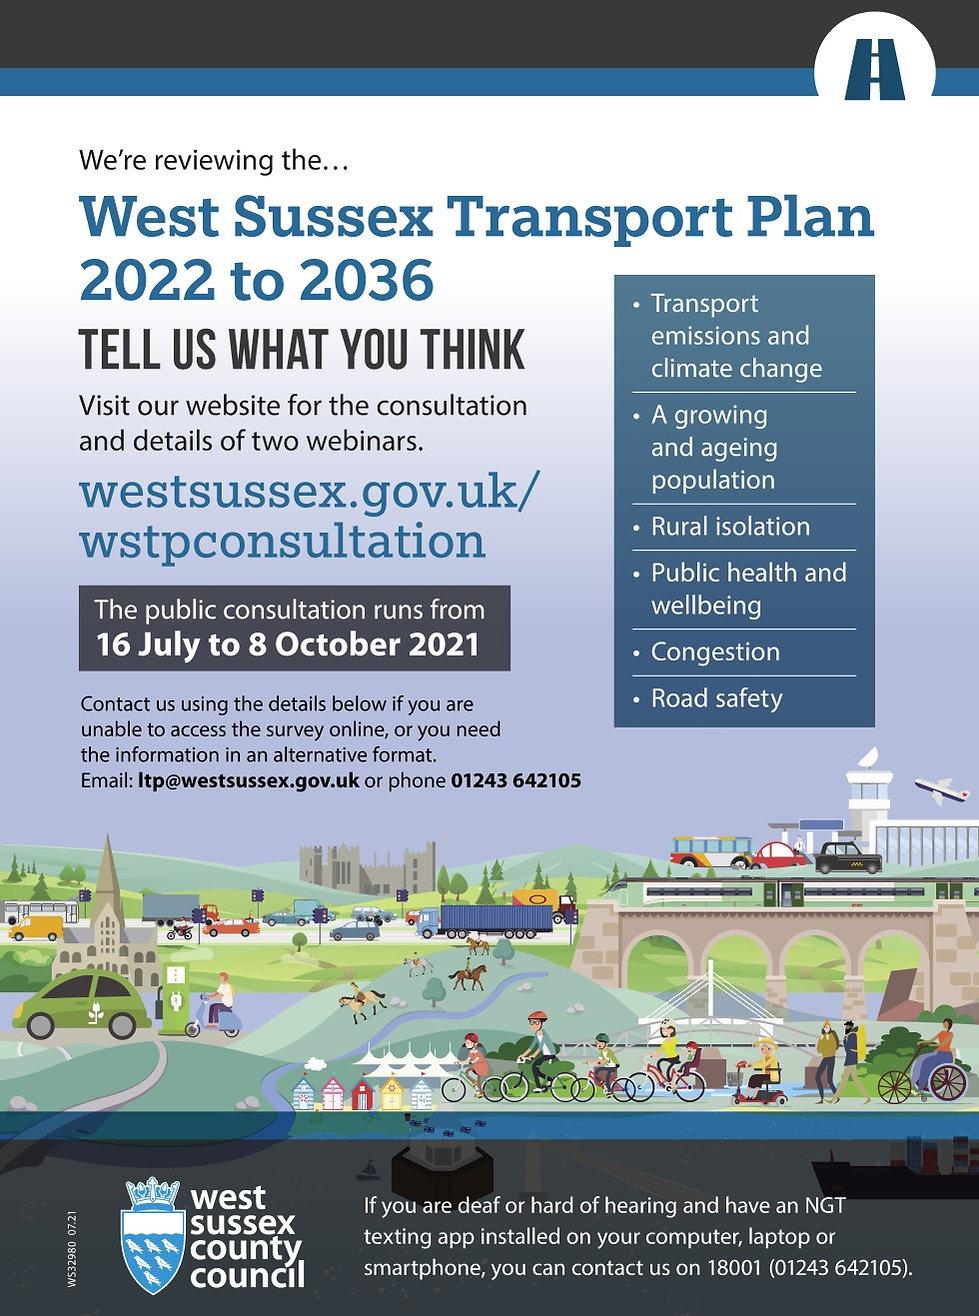 WSCC Transport Plan.jpg